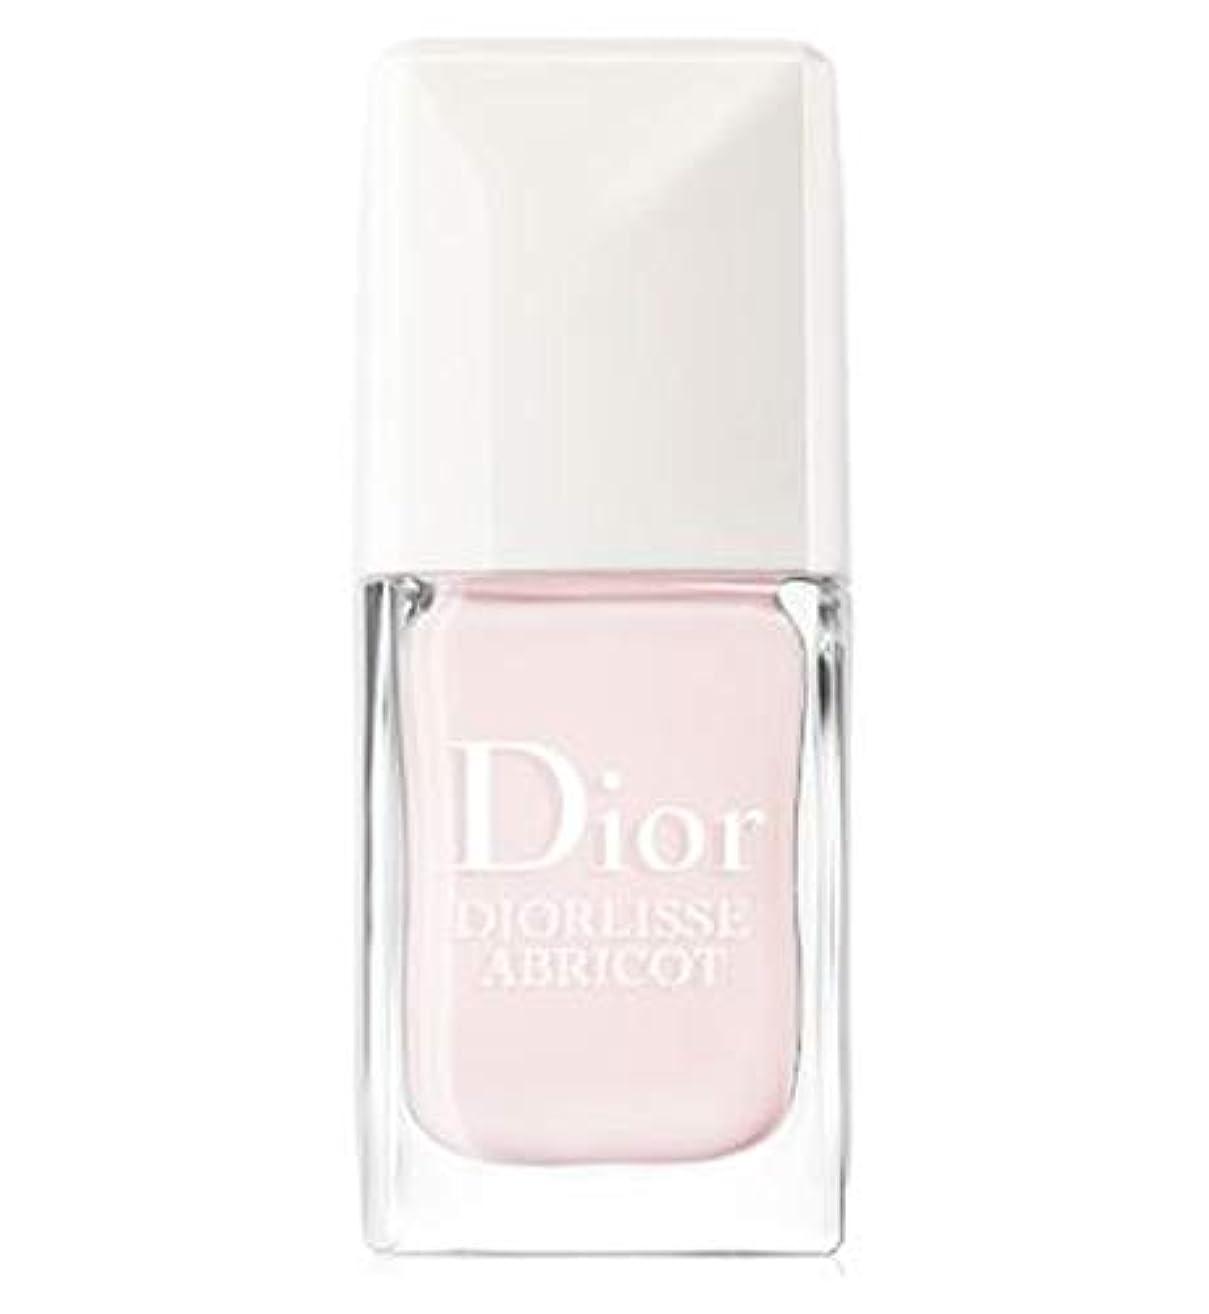 インキュバス授業料症状[Dior ] ピンクの花びらの10ミリリットルで完成ネイルケアを平滑化Abricot Diorlisse - Diorlisse Abricot Smoothing Perfecting Nail Care In Pink...